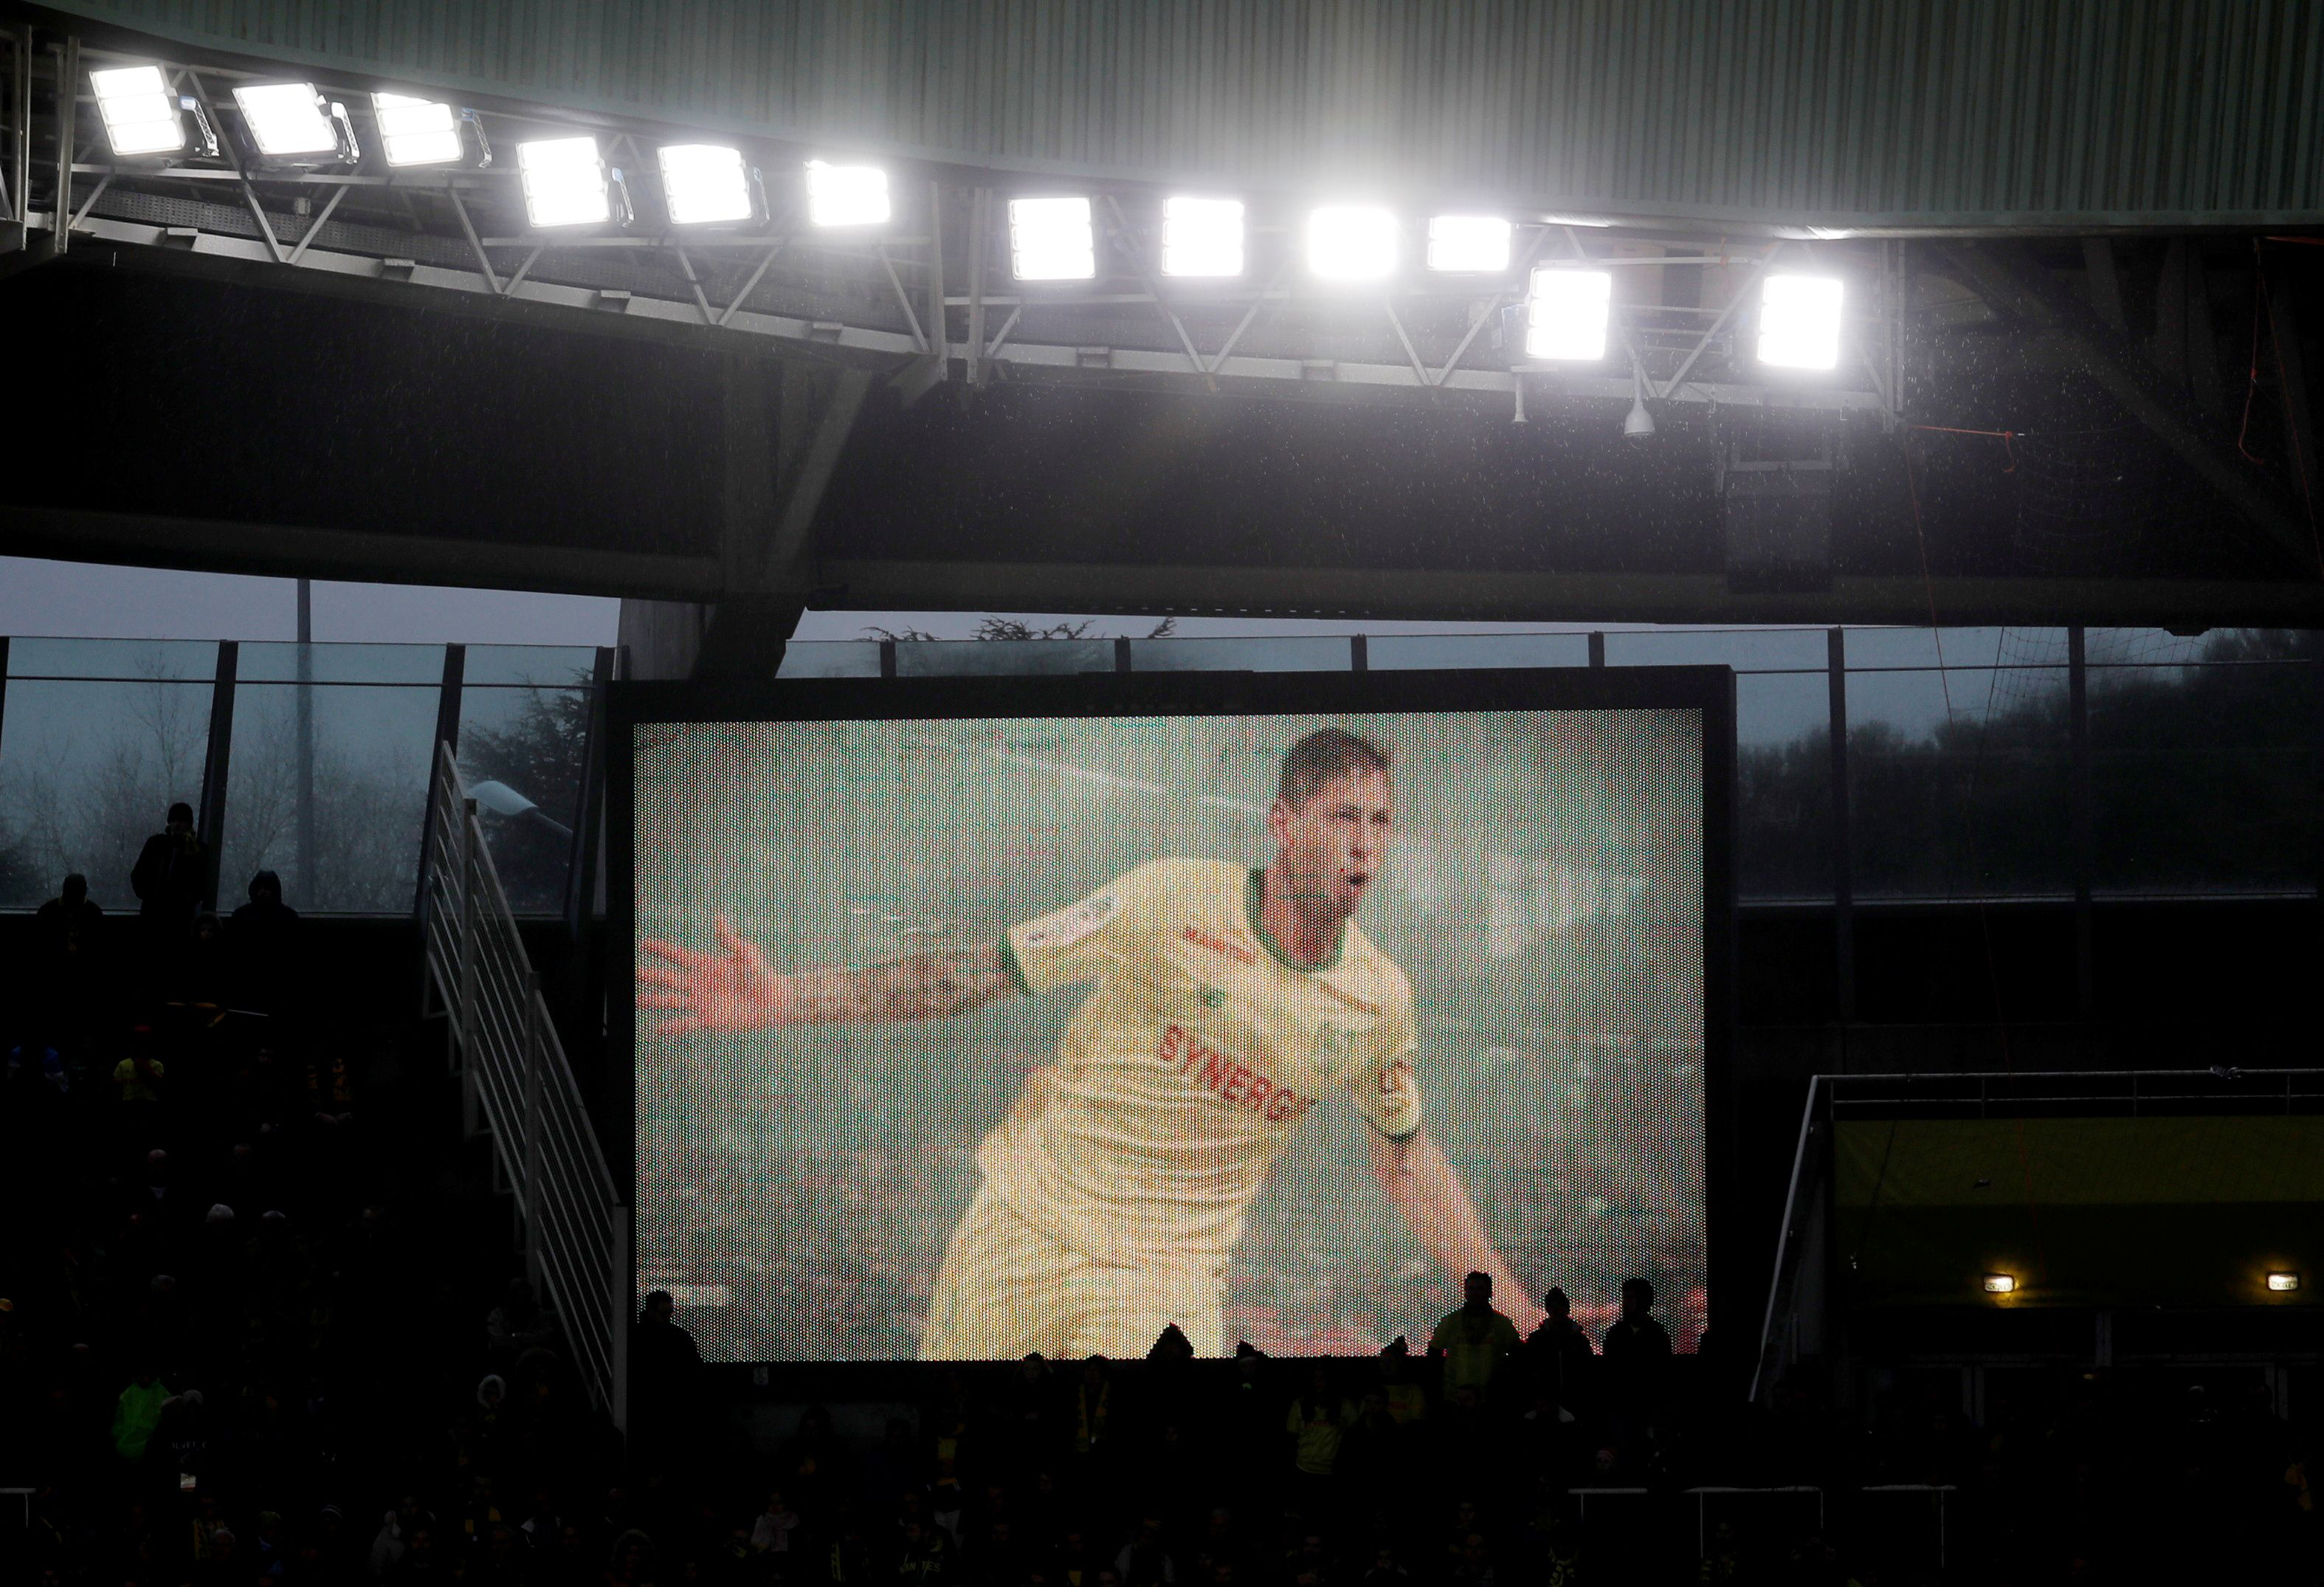 Antes del partido, jugadores, árbitros y público guardaron un minuto de silencio, que fue roto por una atronadora ovación por parte de los hinchas